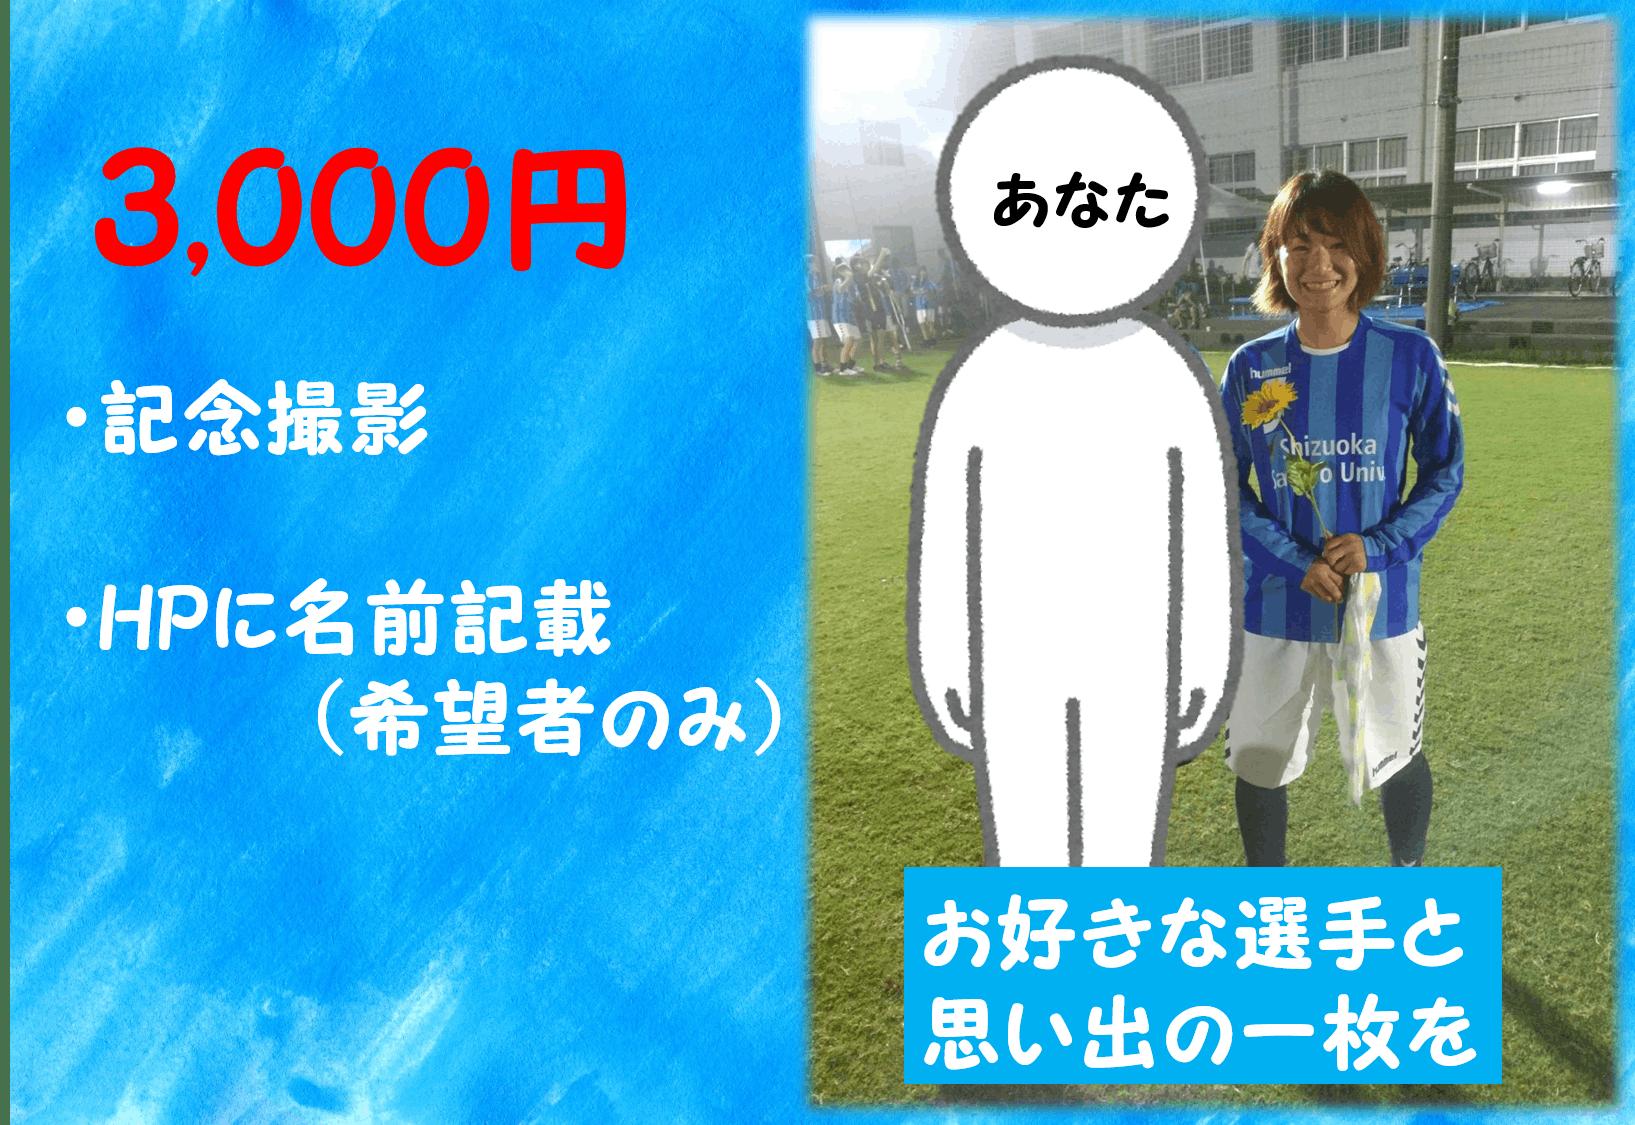 3000記念撮影